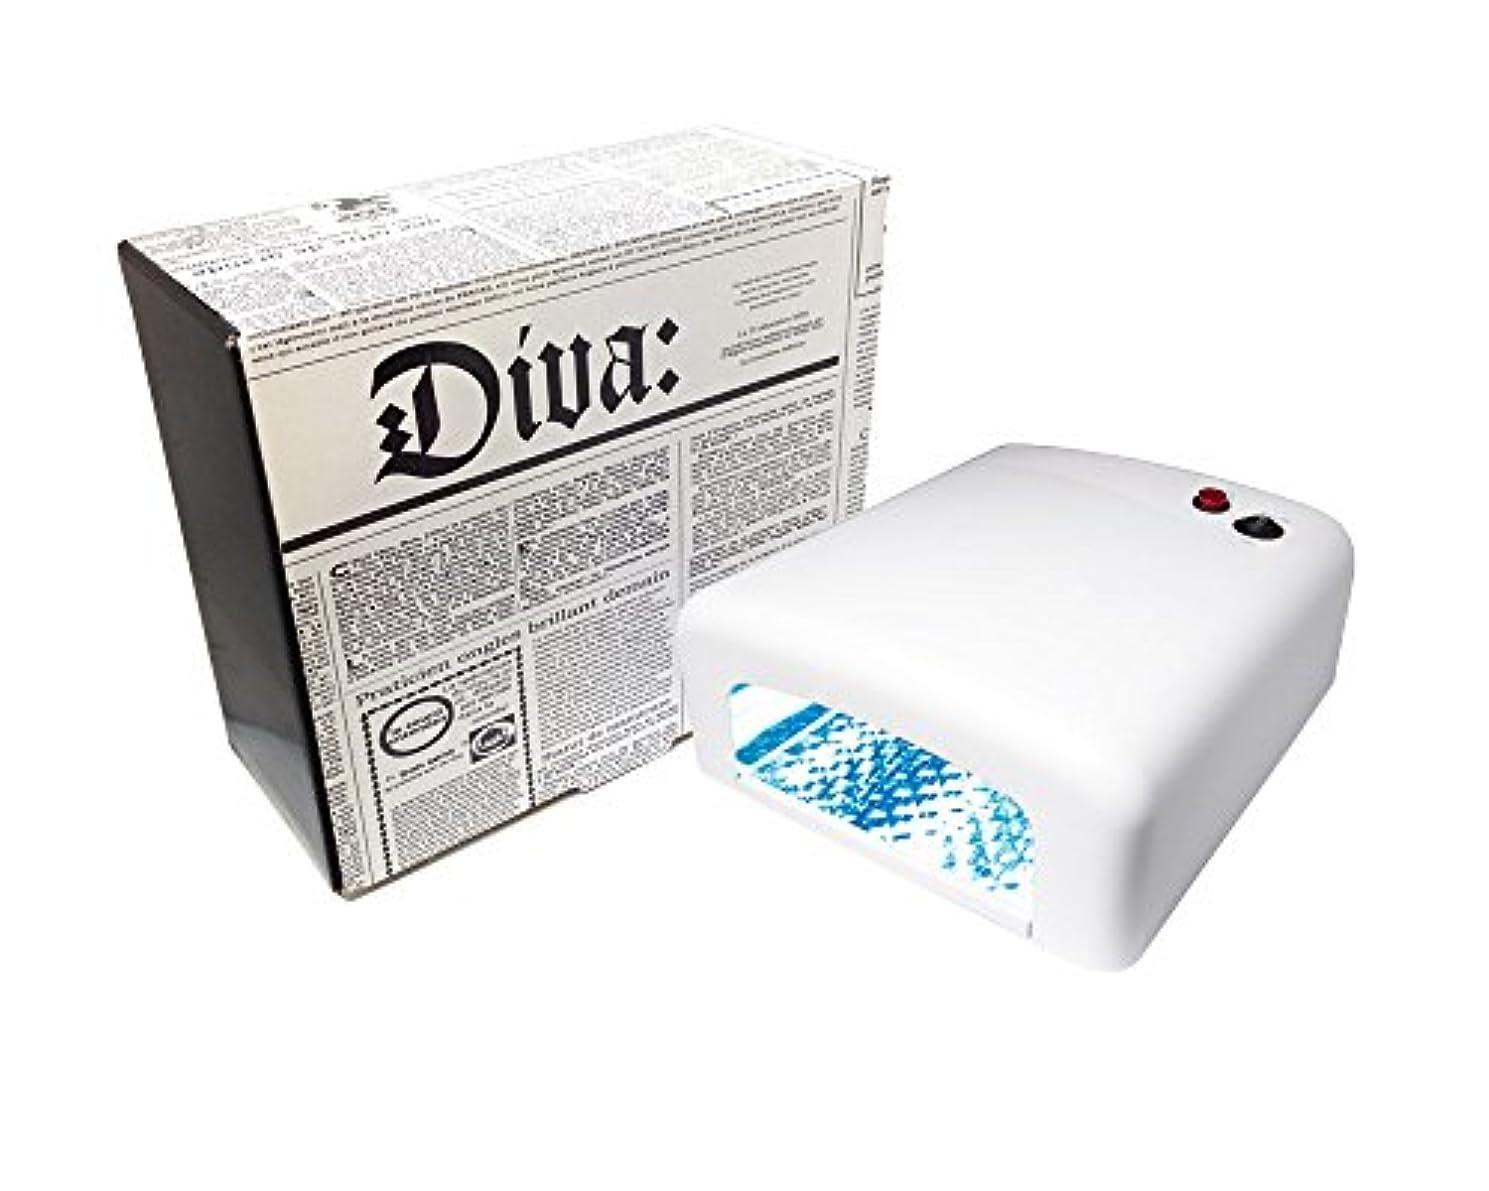 従事する改修する生き物Diva(ディーヴァ) UVライト36W(UVランプ) 本体 ホワイト